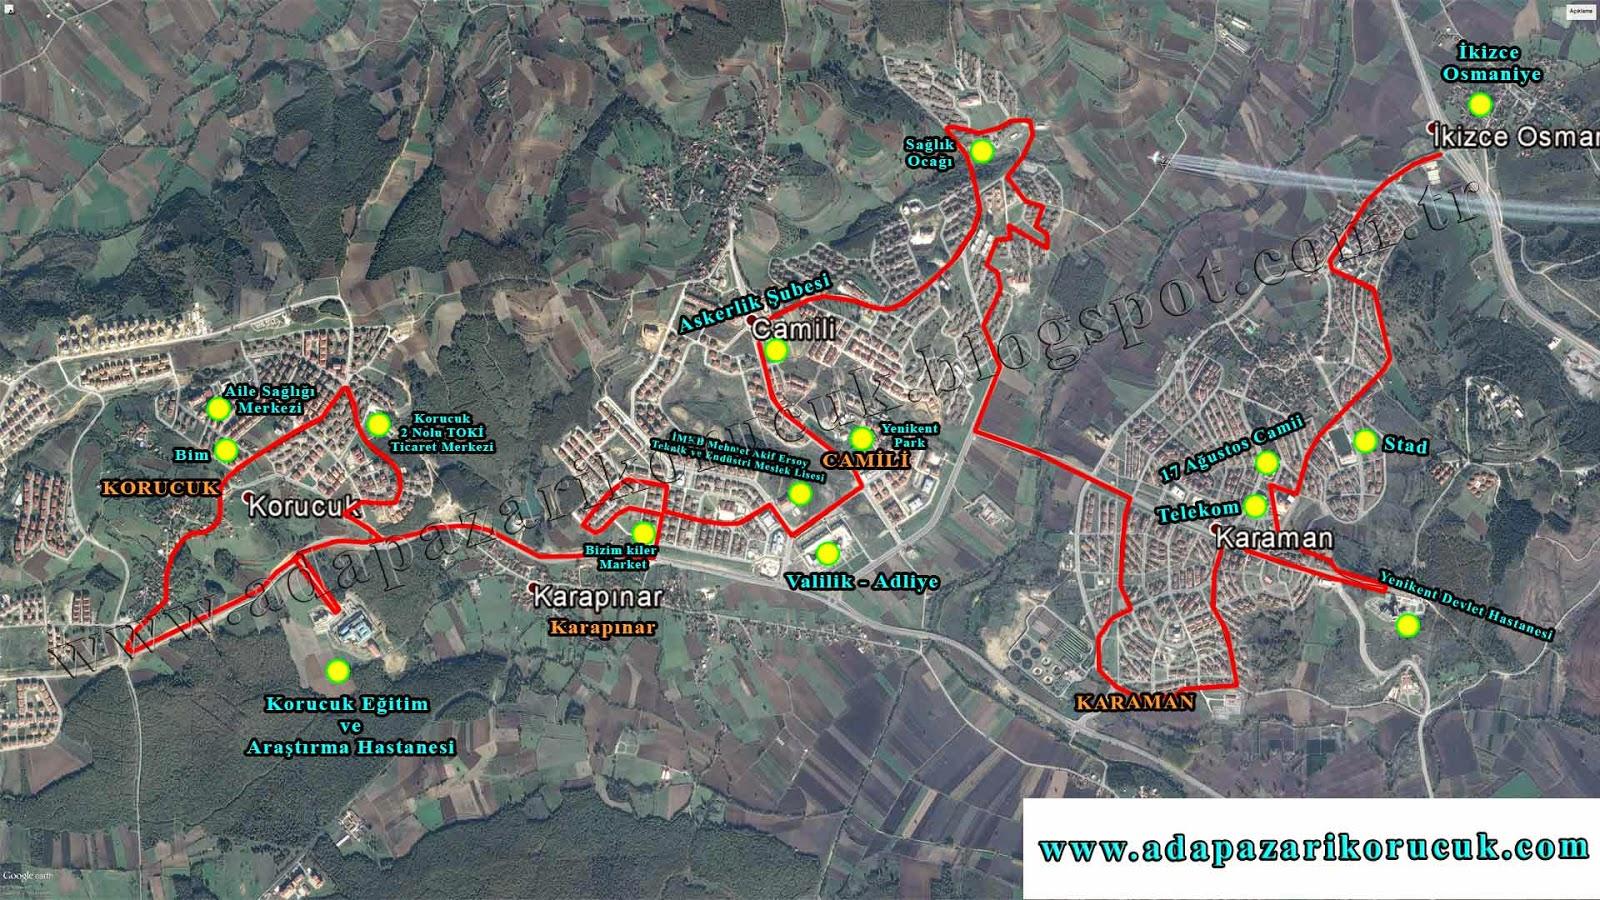 Karaman - Camili - Korucuk Minibüsleri Güzergâh Haritası Kroki